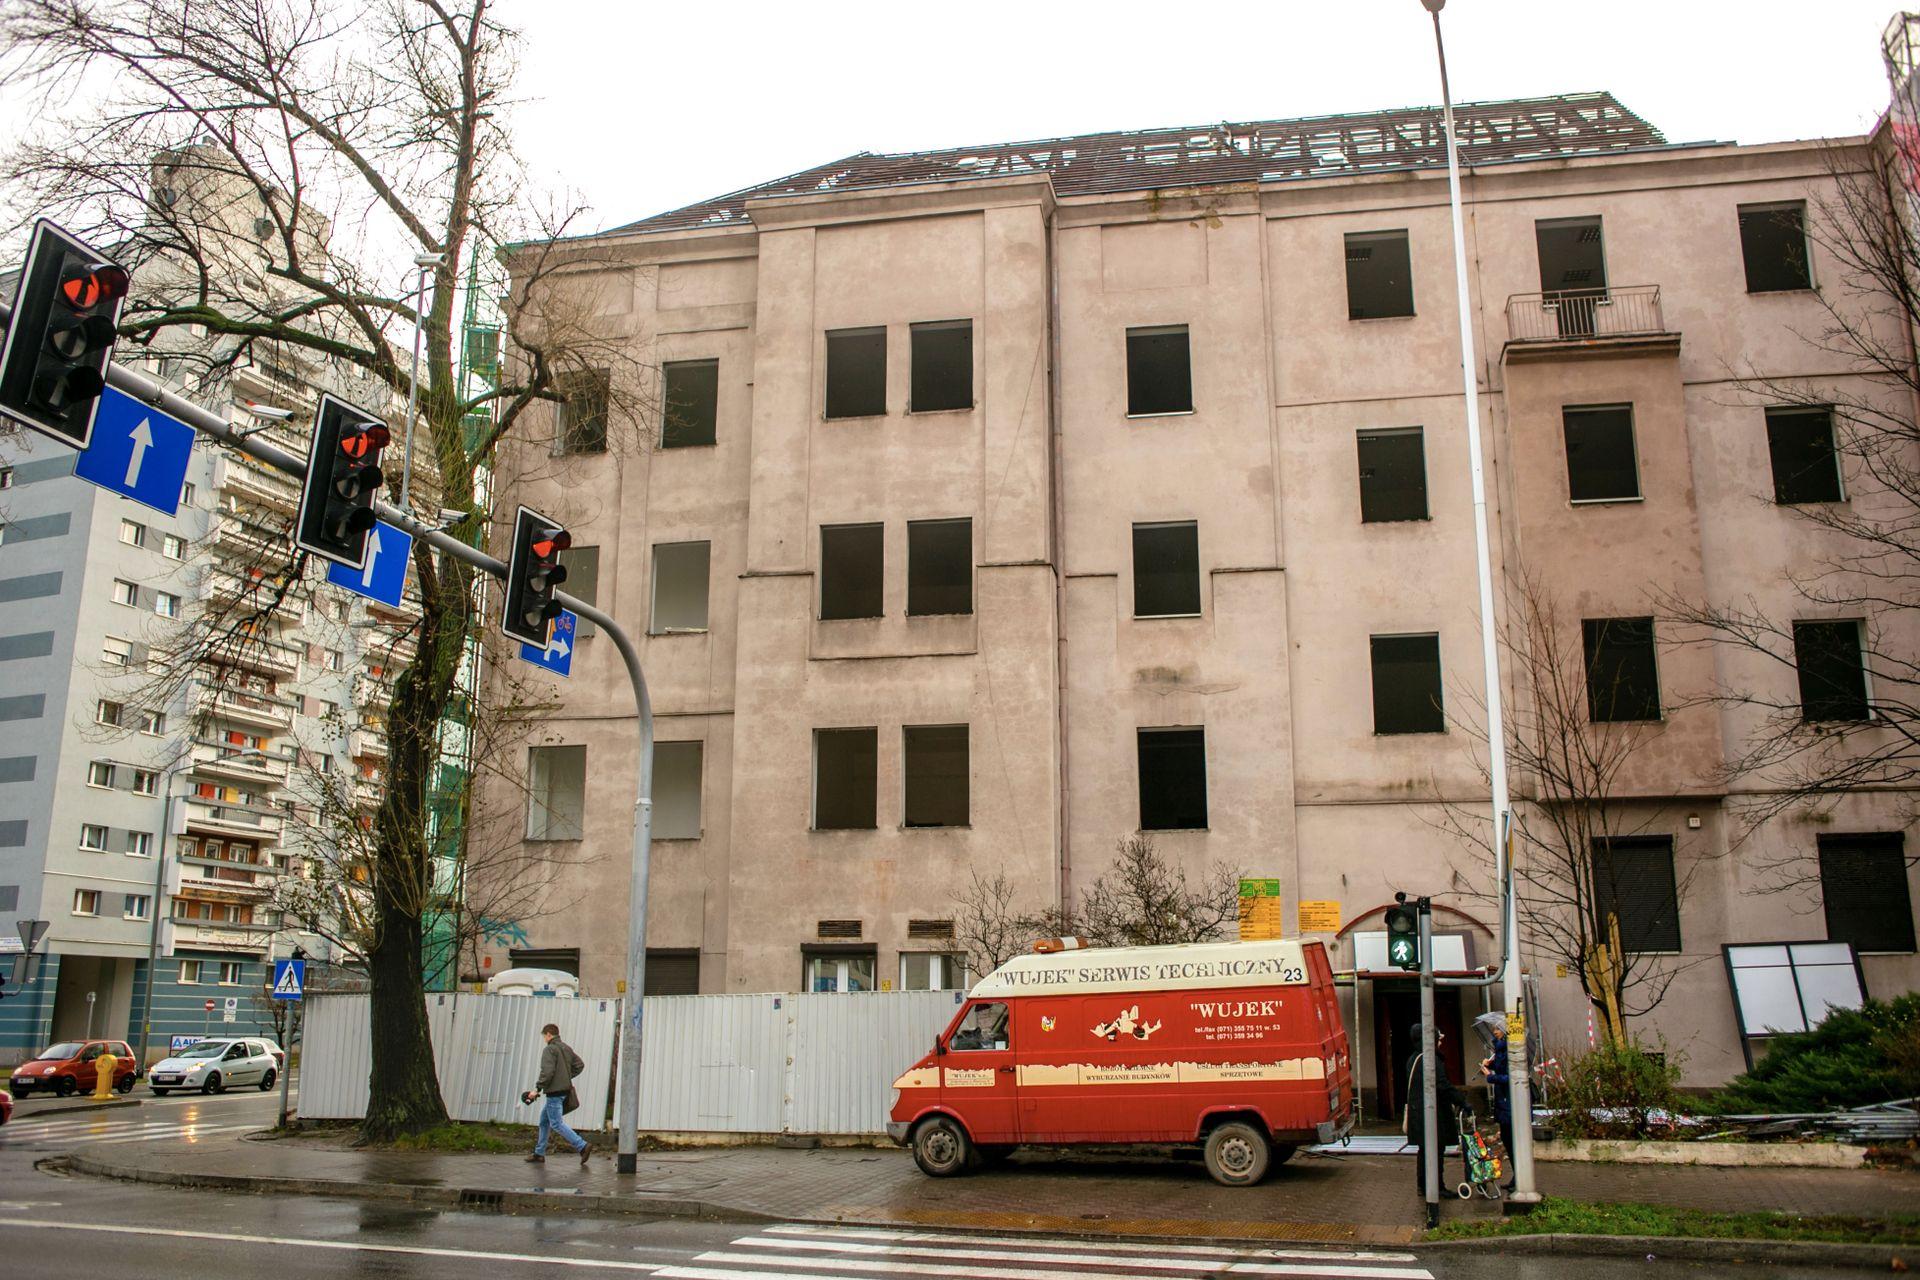 [Wrocław] Ruszyła rozbiórka kamienicy po urzędzie pracy. Stanie tam wysoki biurowiec